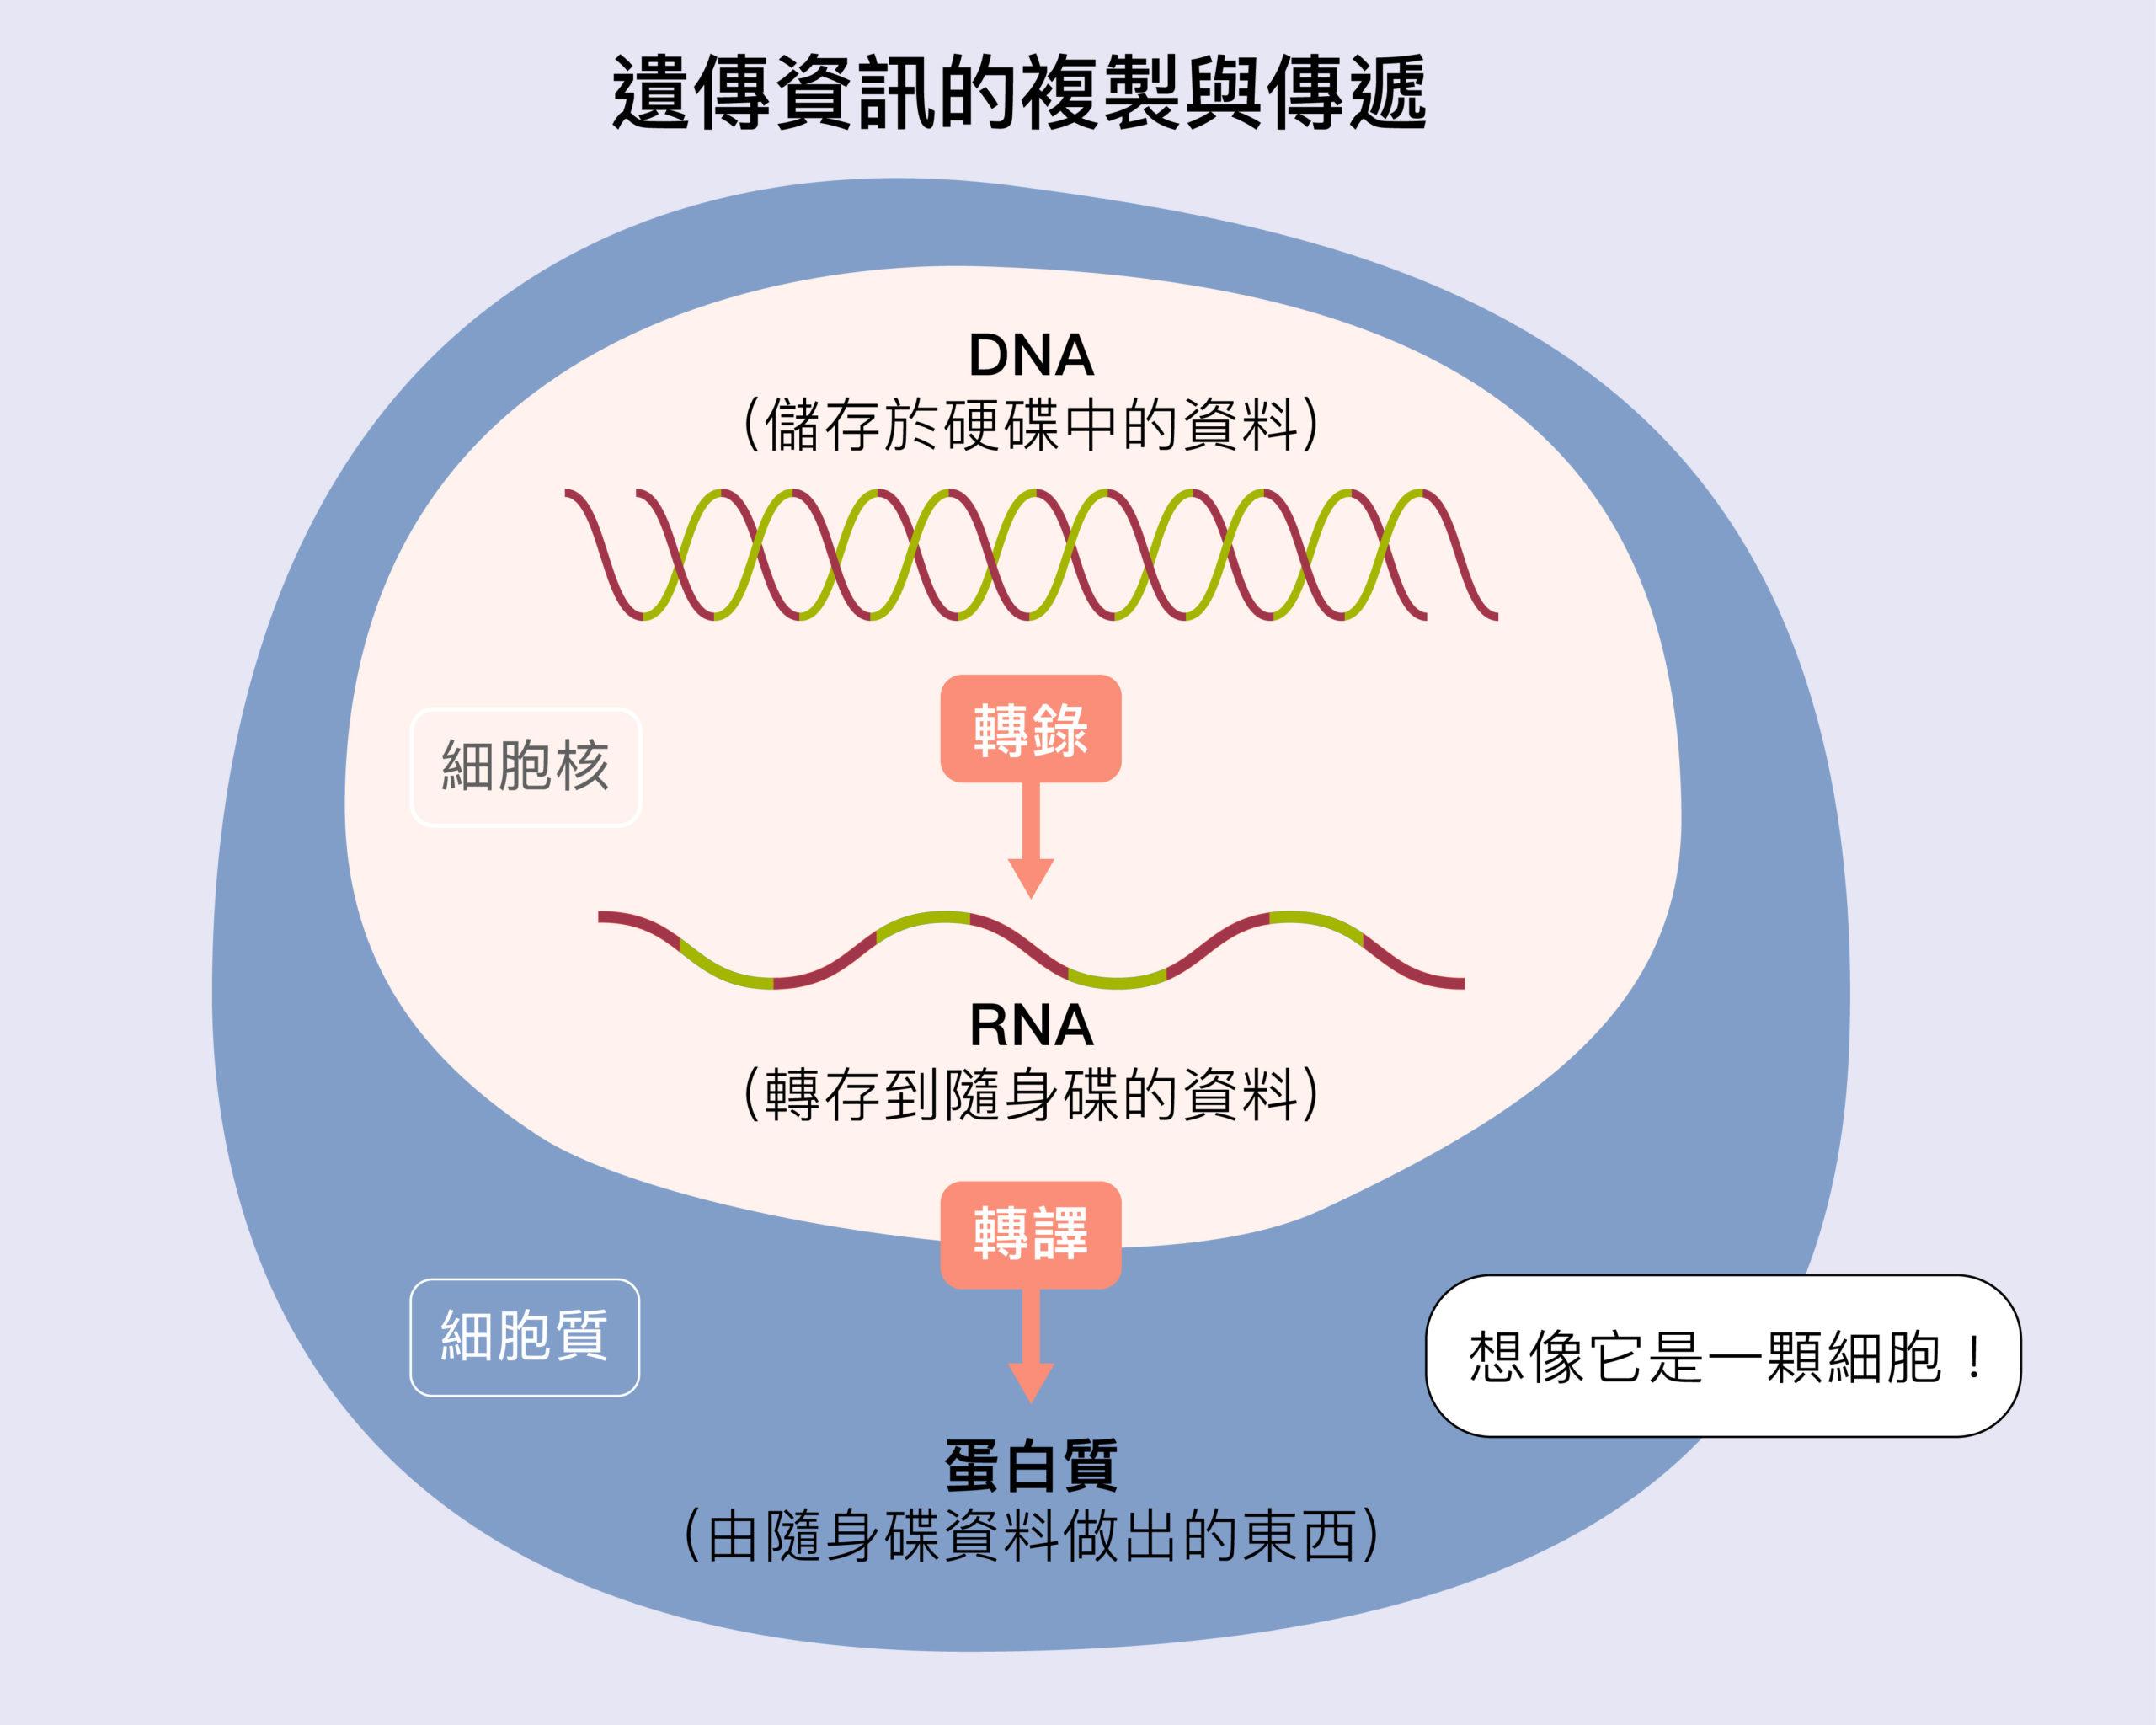 生物所有基因的資訊全部是在 DNA 上,好比身上的「硬碟」。細胞要使用這些資料時,必須把細胞核裡的 DNA 的資訊,轉錄成為 RNA—-好比用「隨身碟」把硬碟資料拷貝出來。接下來,RNA「隨身碟」的資訊進入細胞質,進行轉譯,製造各種蛋白質,好比把隨身碟內的資料列印成實體文件。圖│研之有物(資料來源│張典顯)